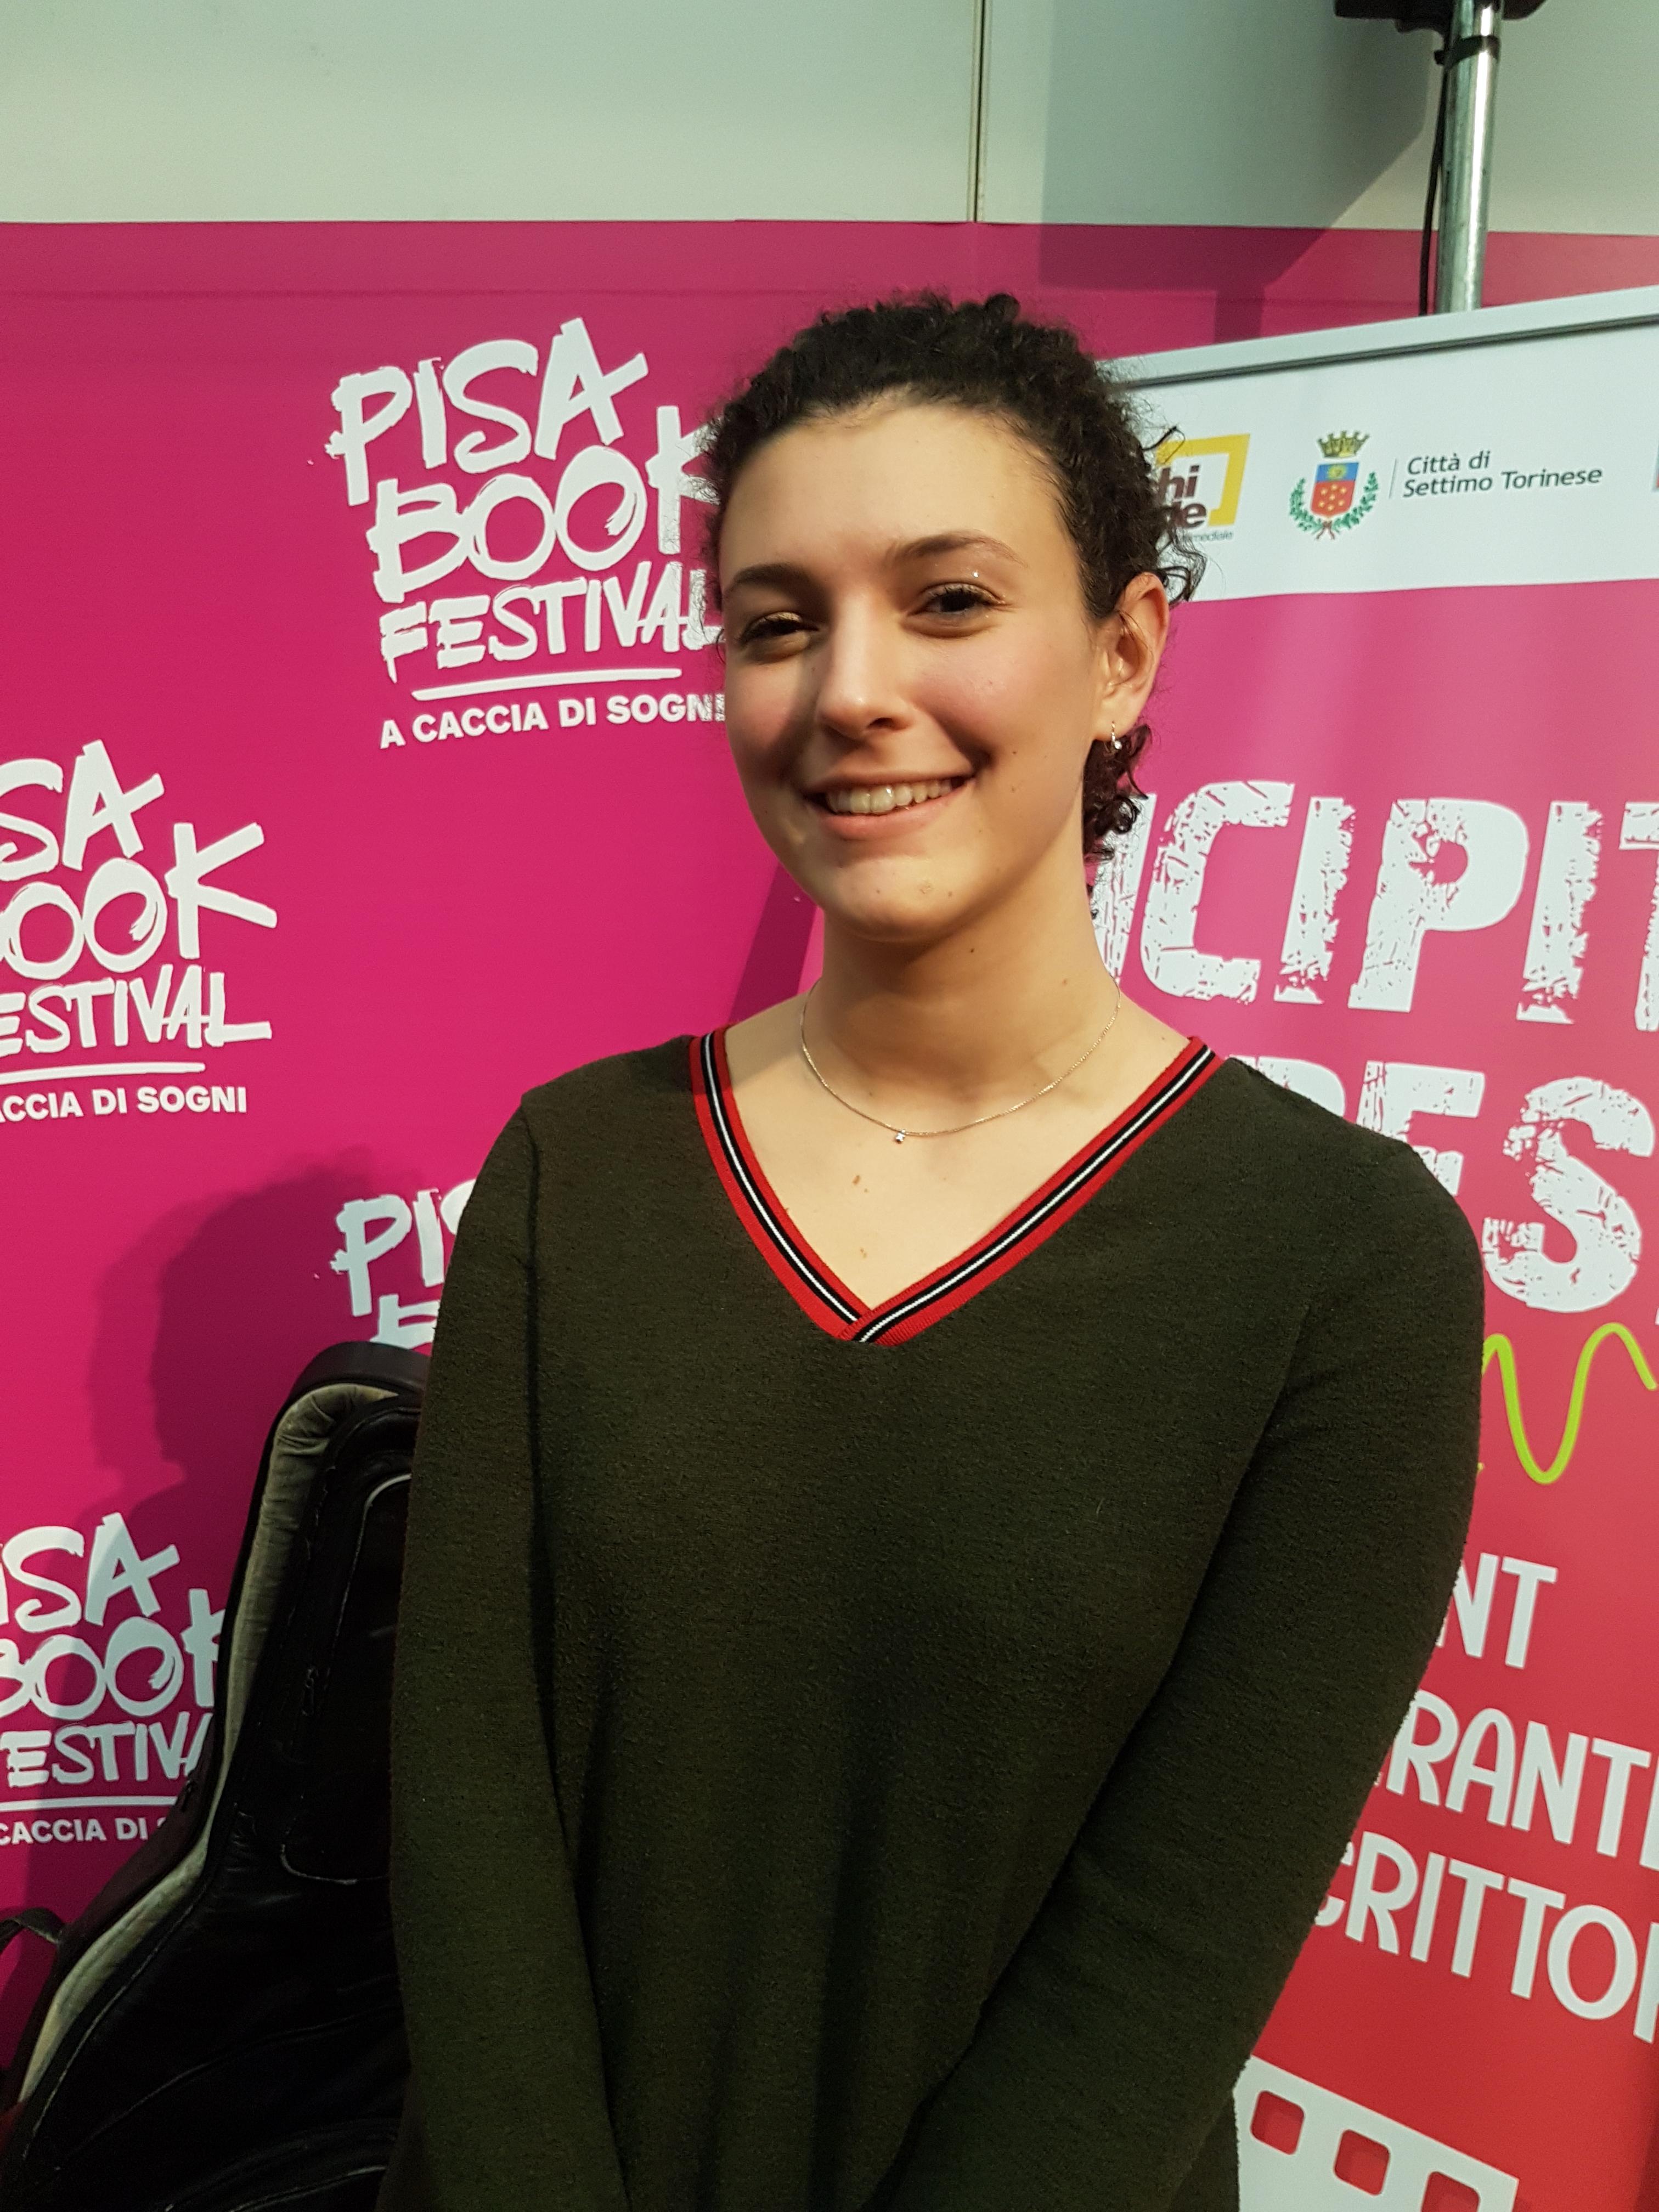 Incipit @ Pisa Book Festival, 7 novembre 2019